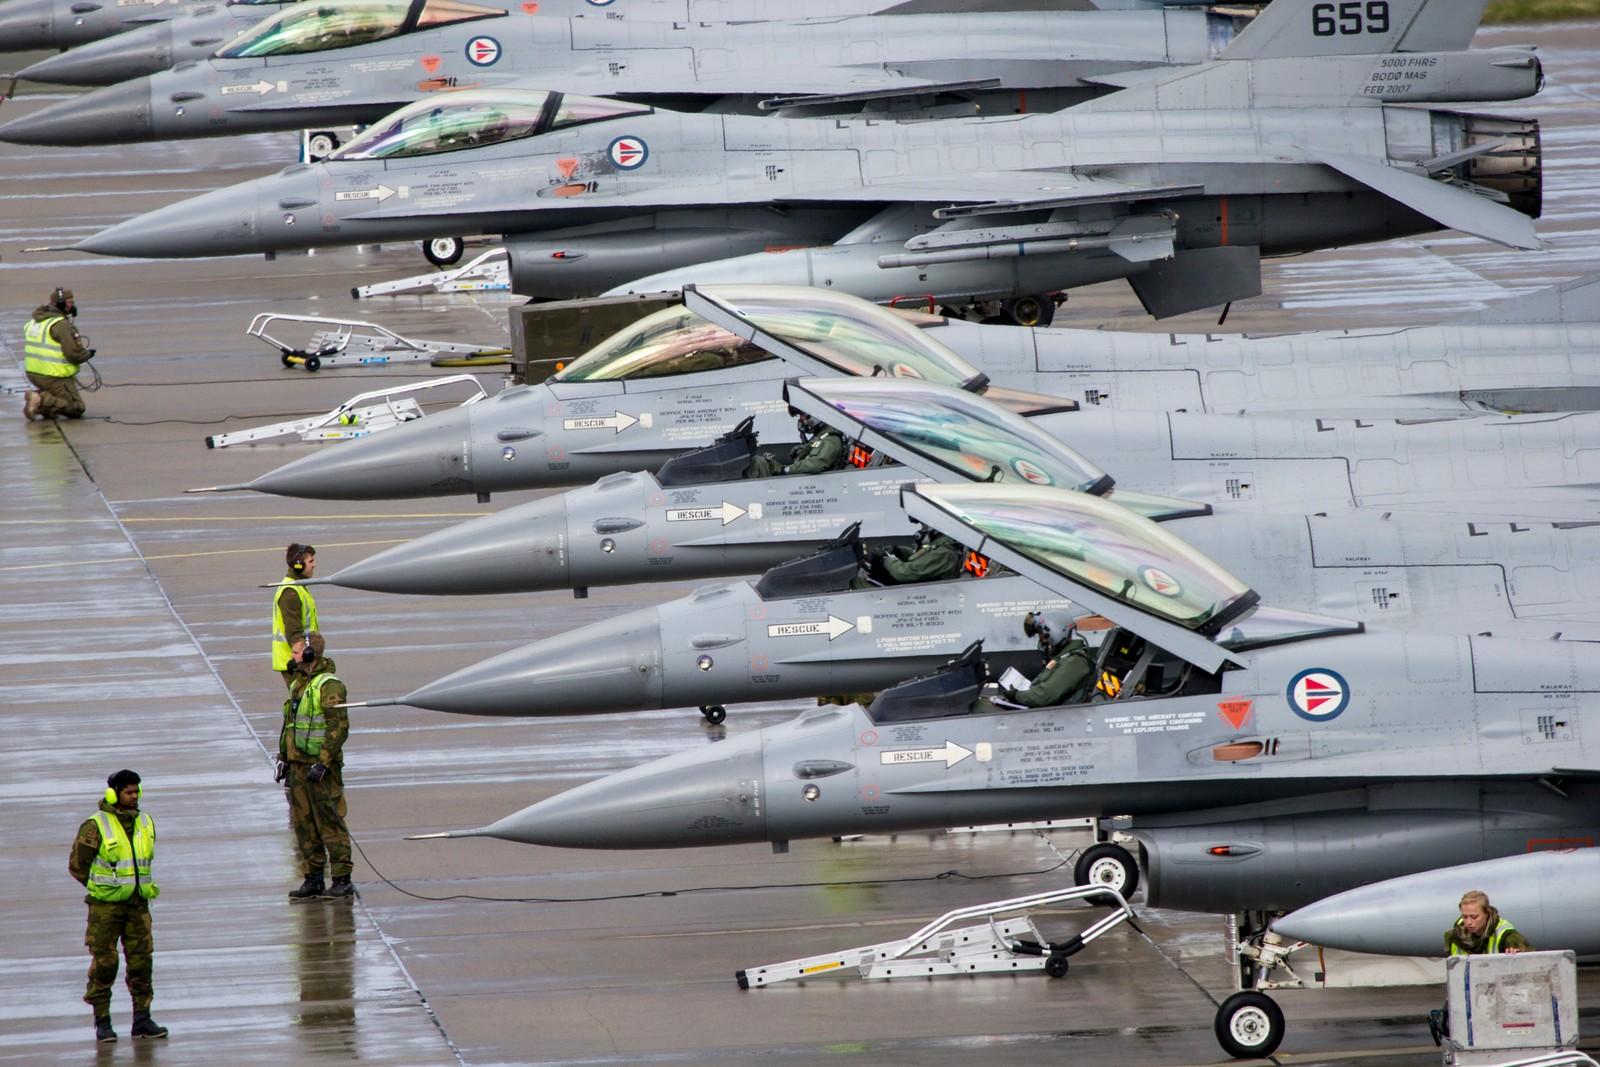 Norske F-16 klargjøres for take off. Pilotene er i cockpit og forbereder seg på take off under øvelse ACE17 i Bodø.